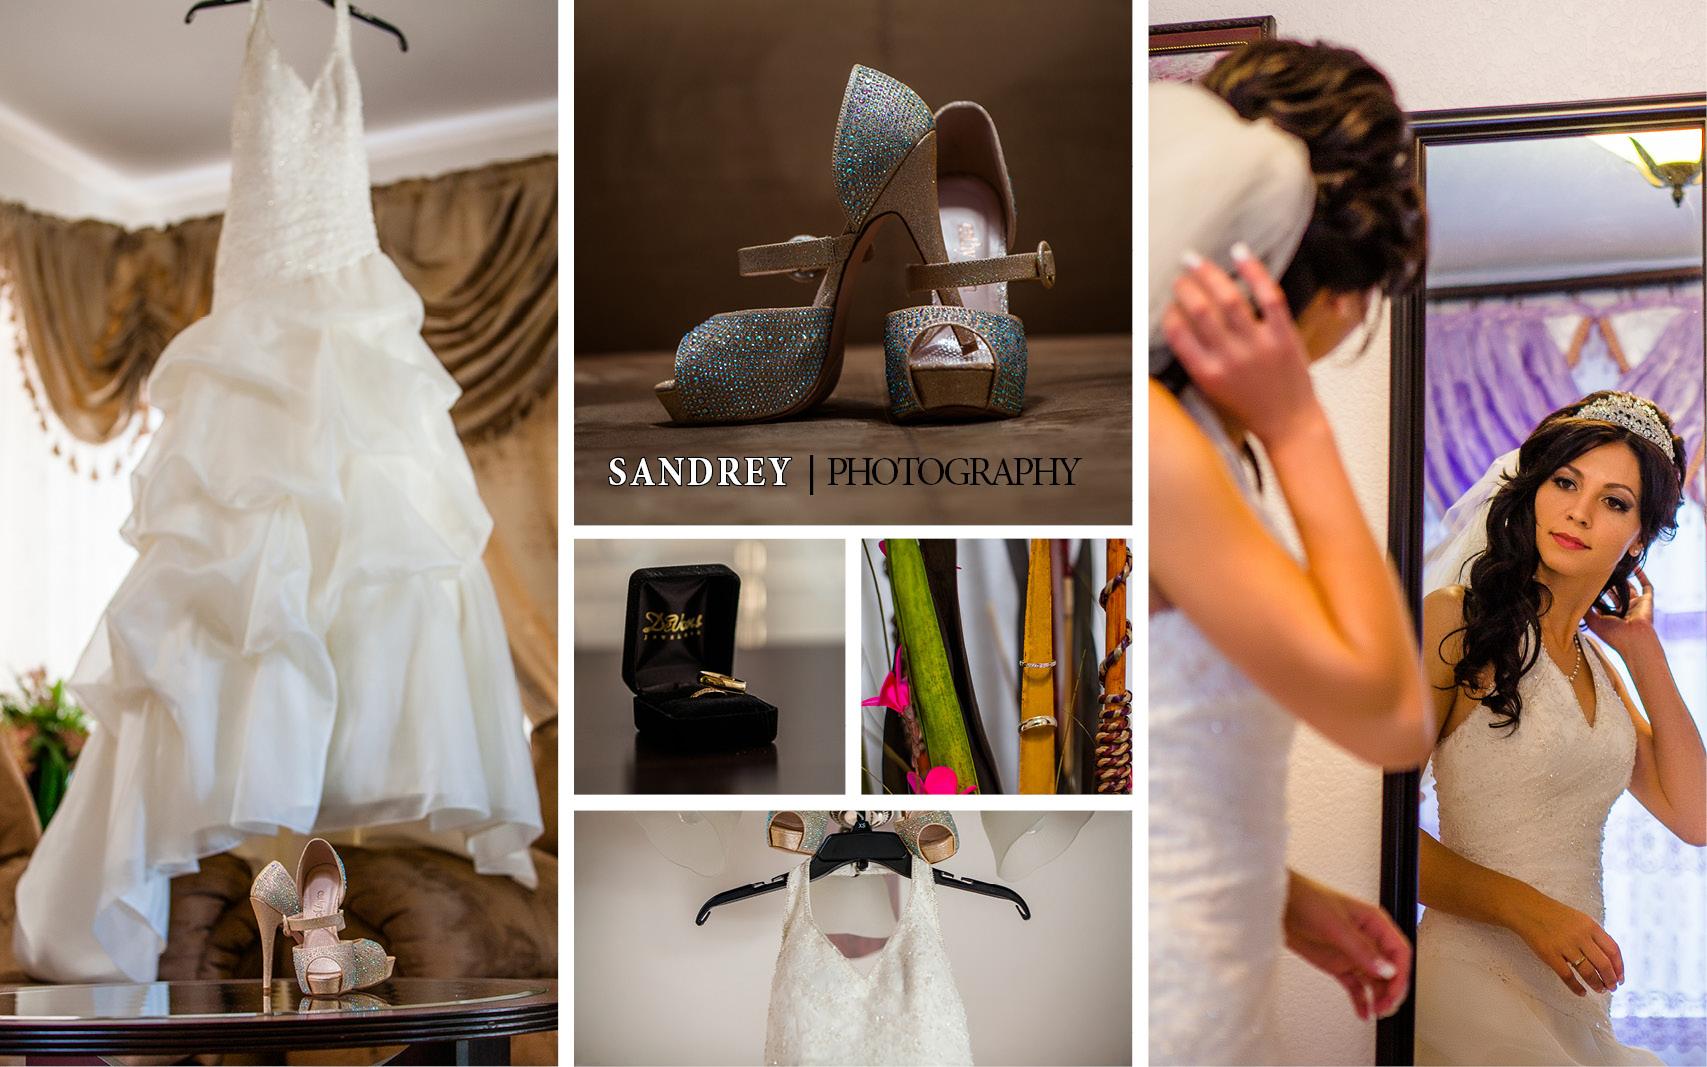 wedding-web-sandreyphotography-II